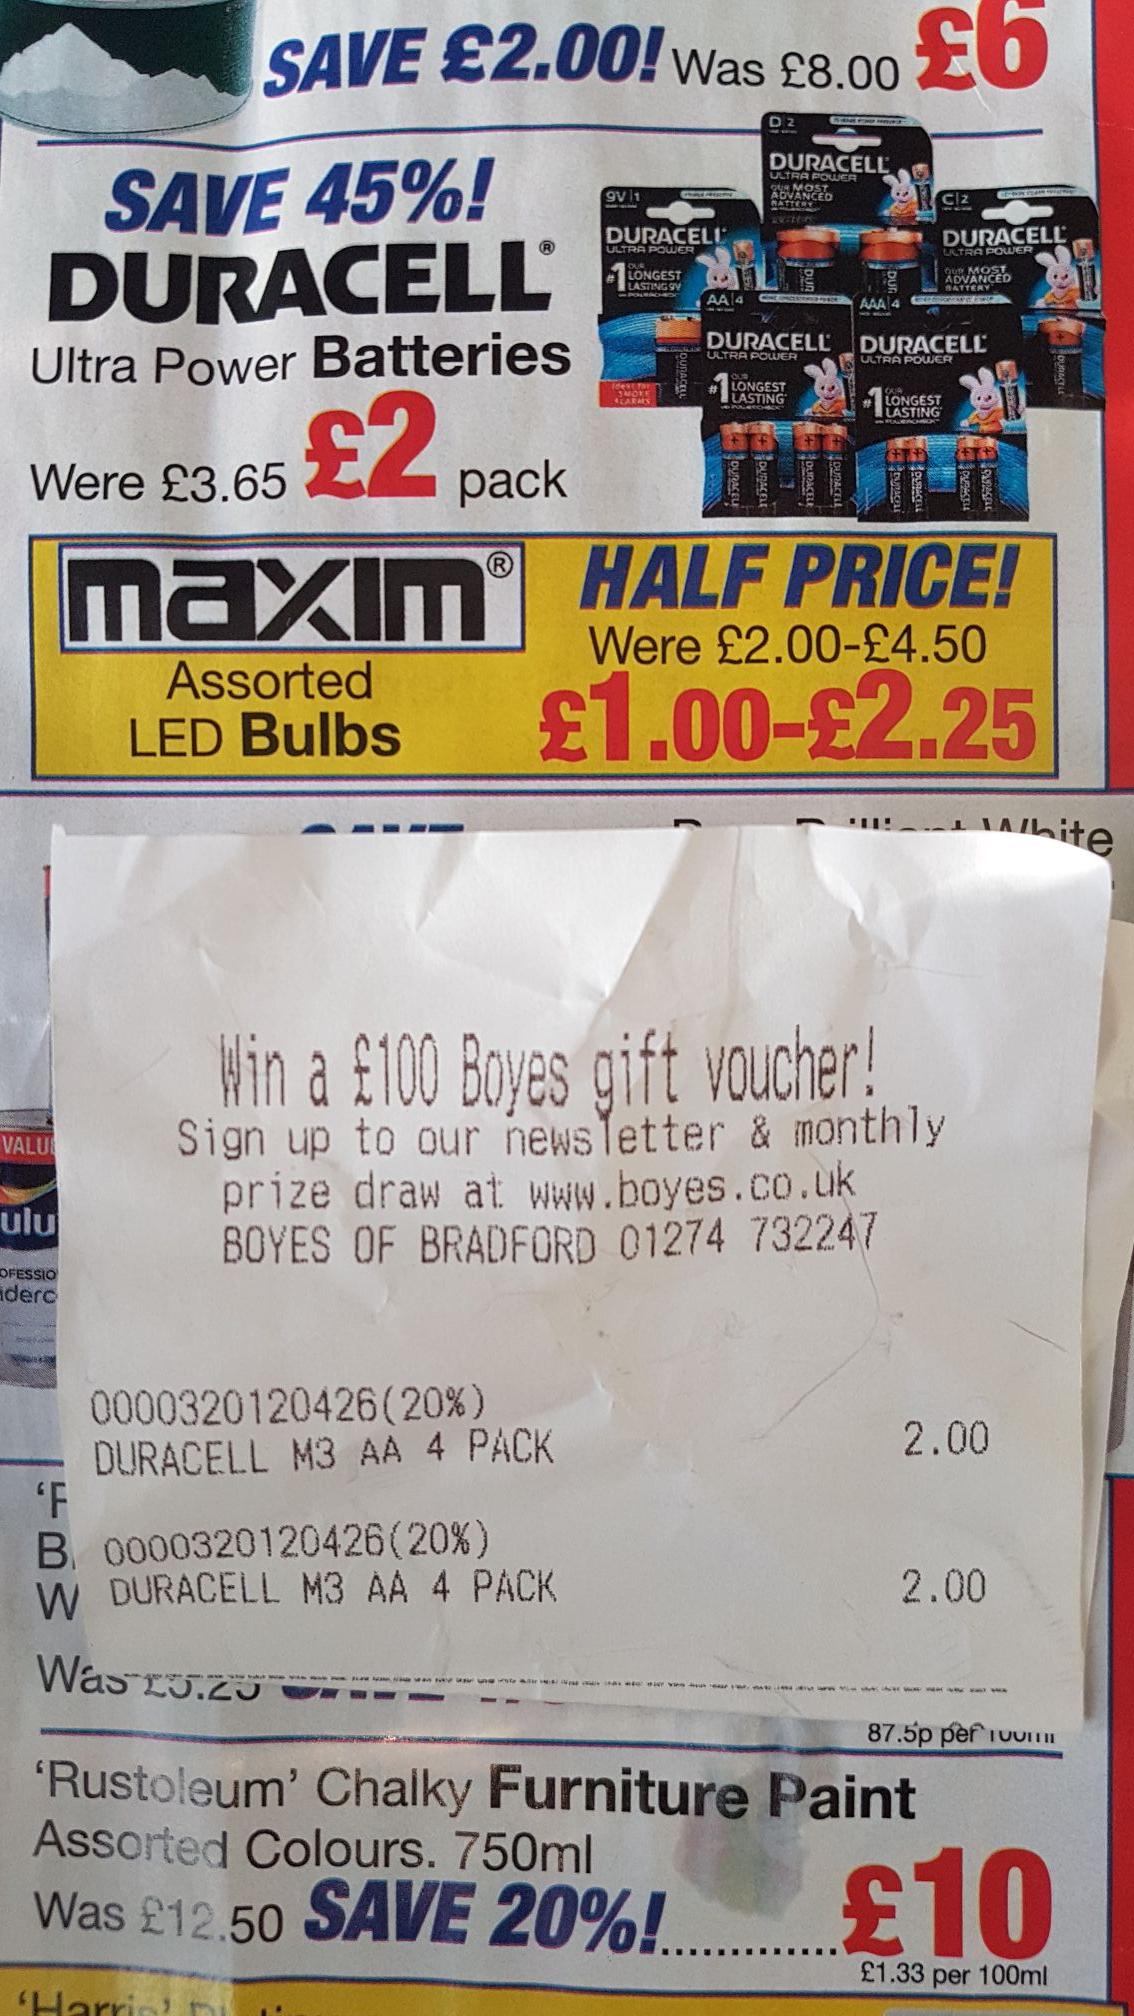 Duracell longest lasting battery range - £2 @ Boyes instore